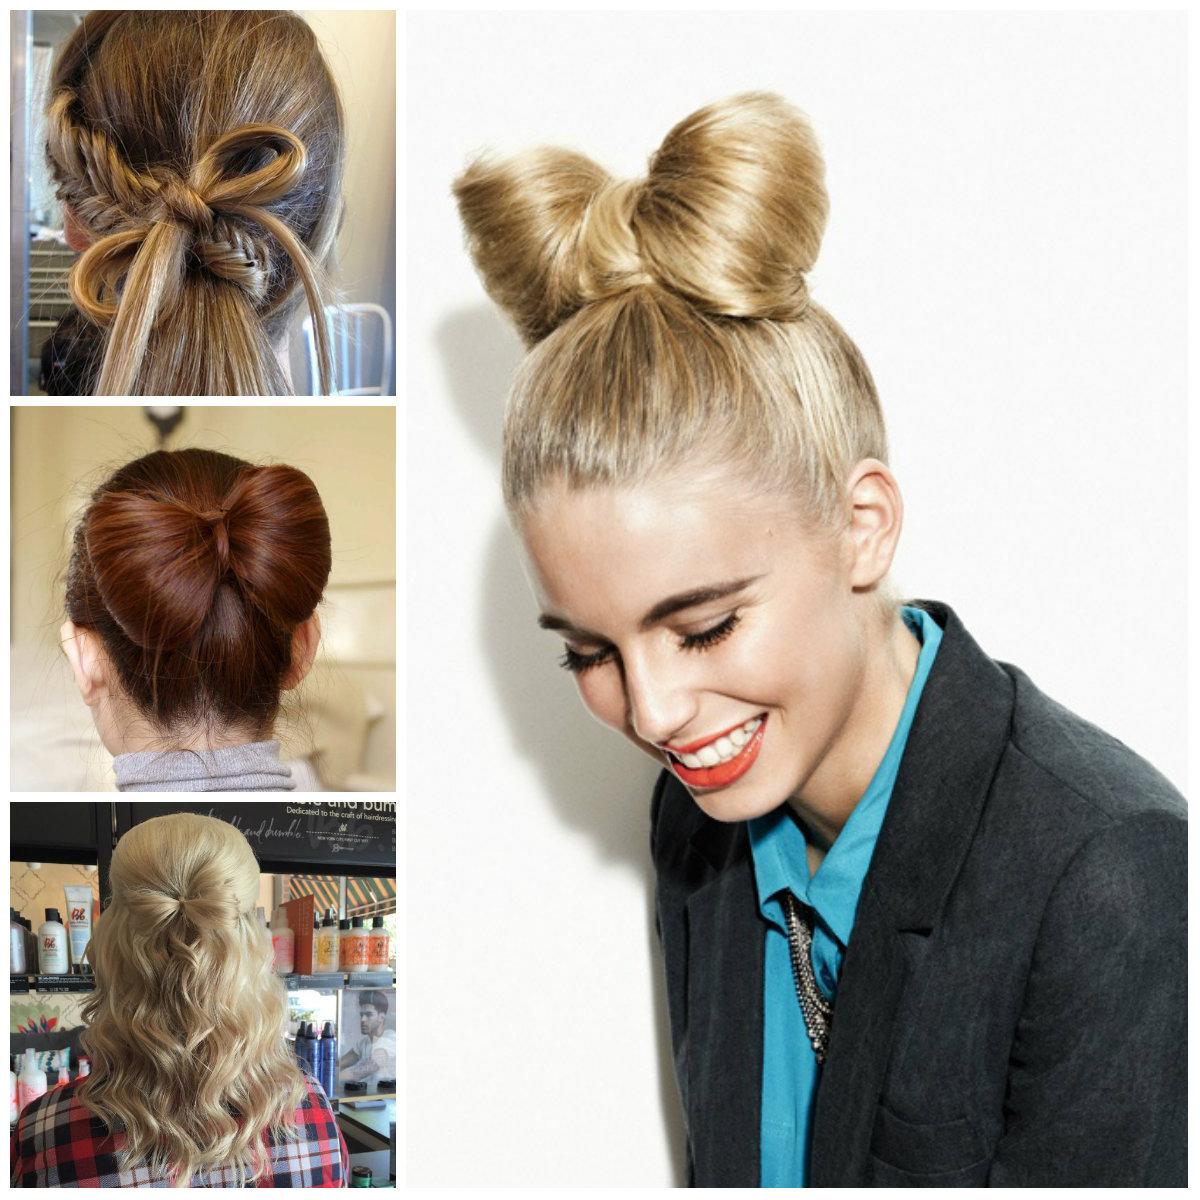 Cute Bow Hairstyle Ideas